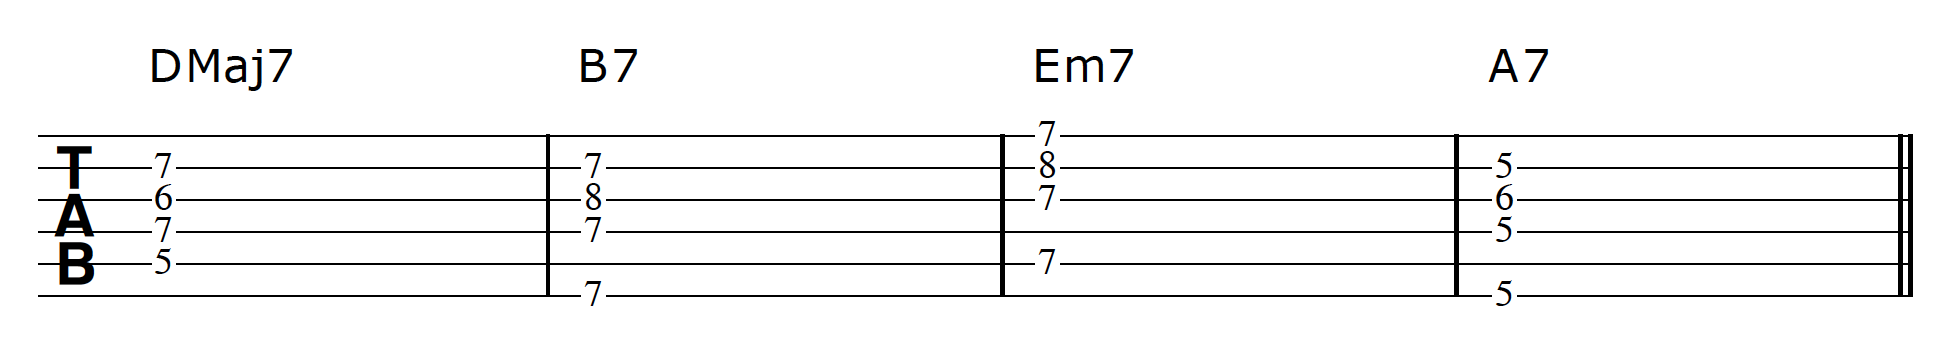 Advanced Guitar Chords D Major Progression